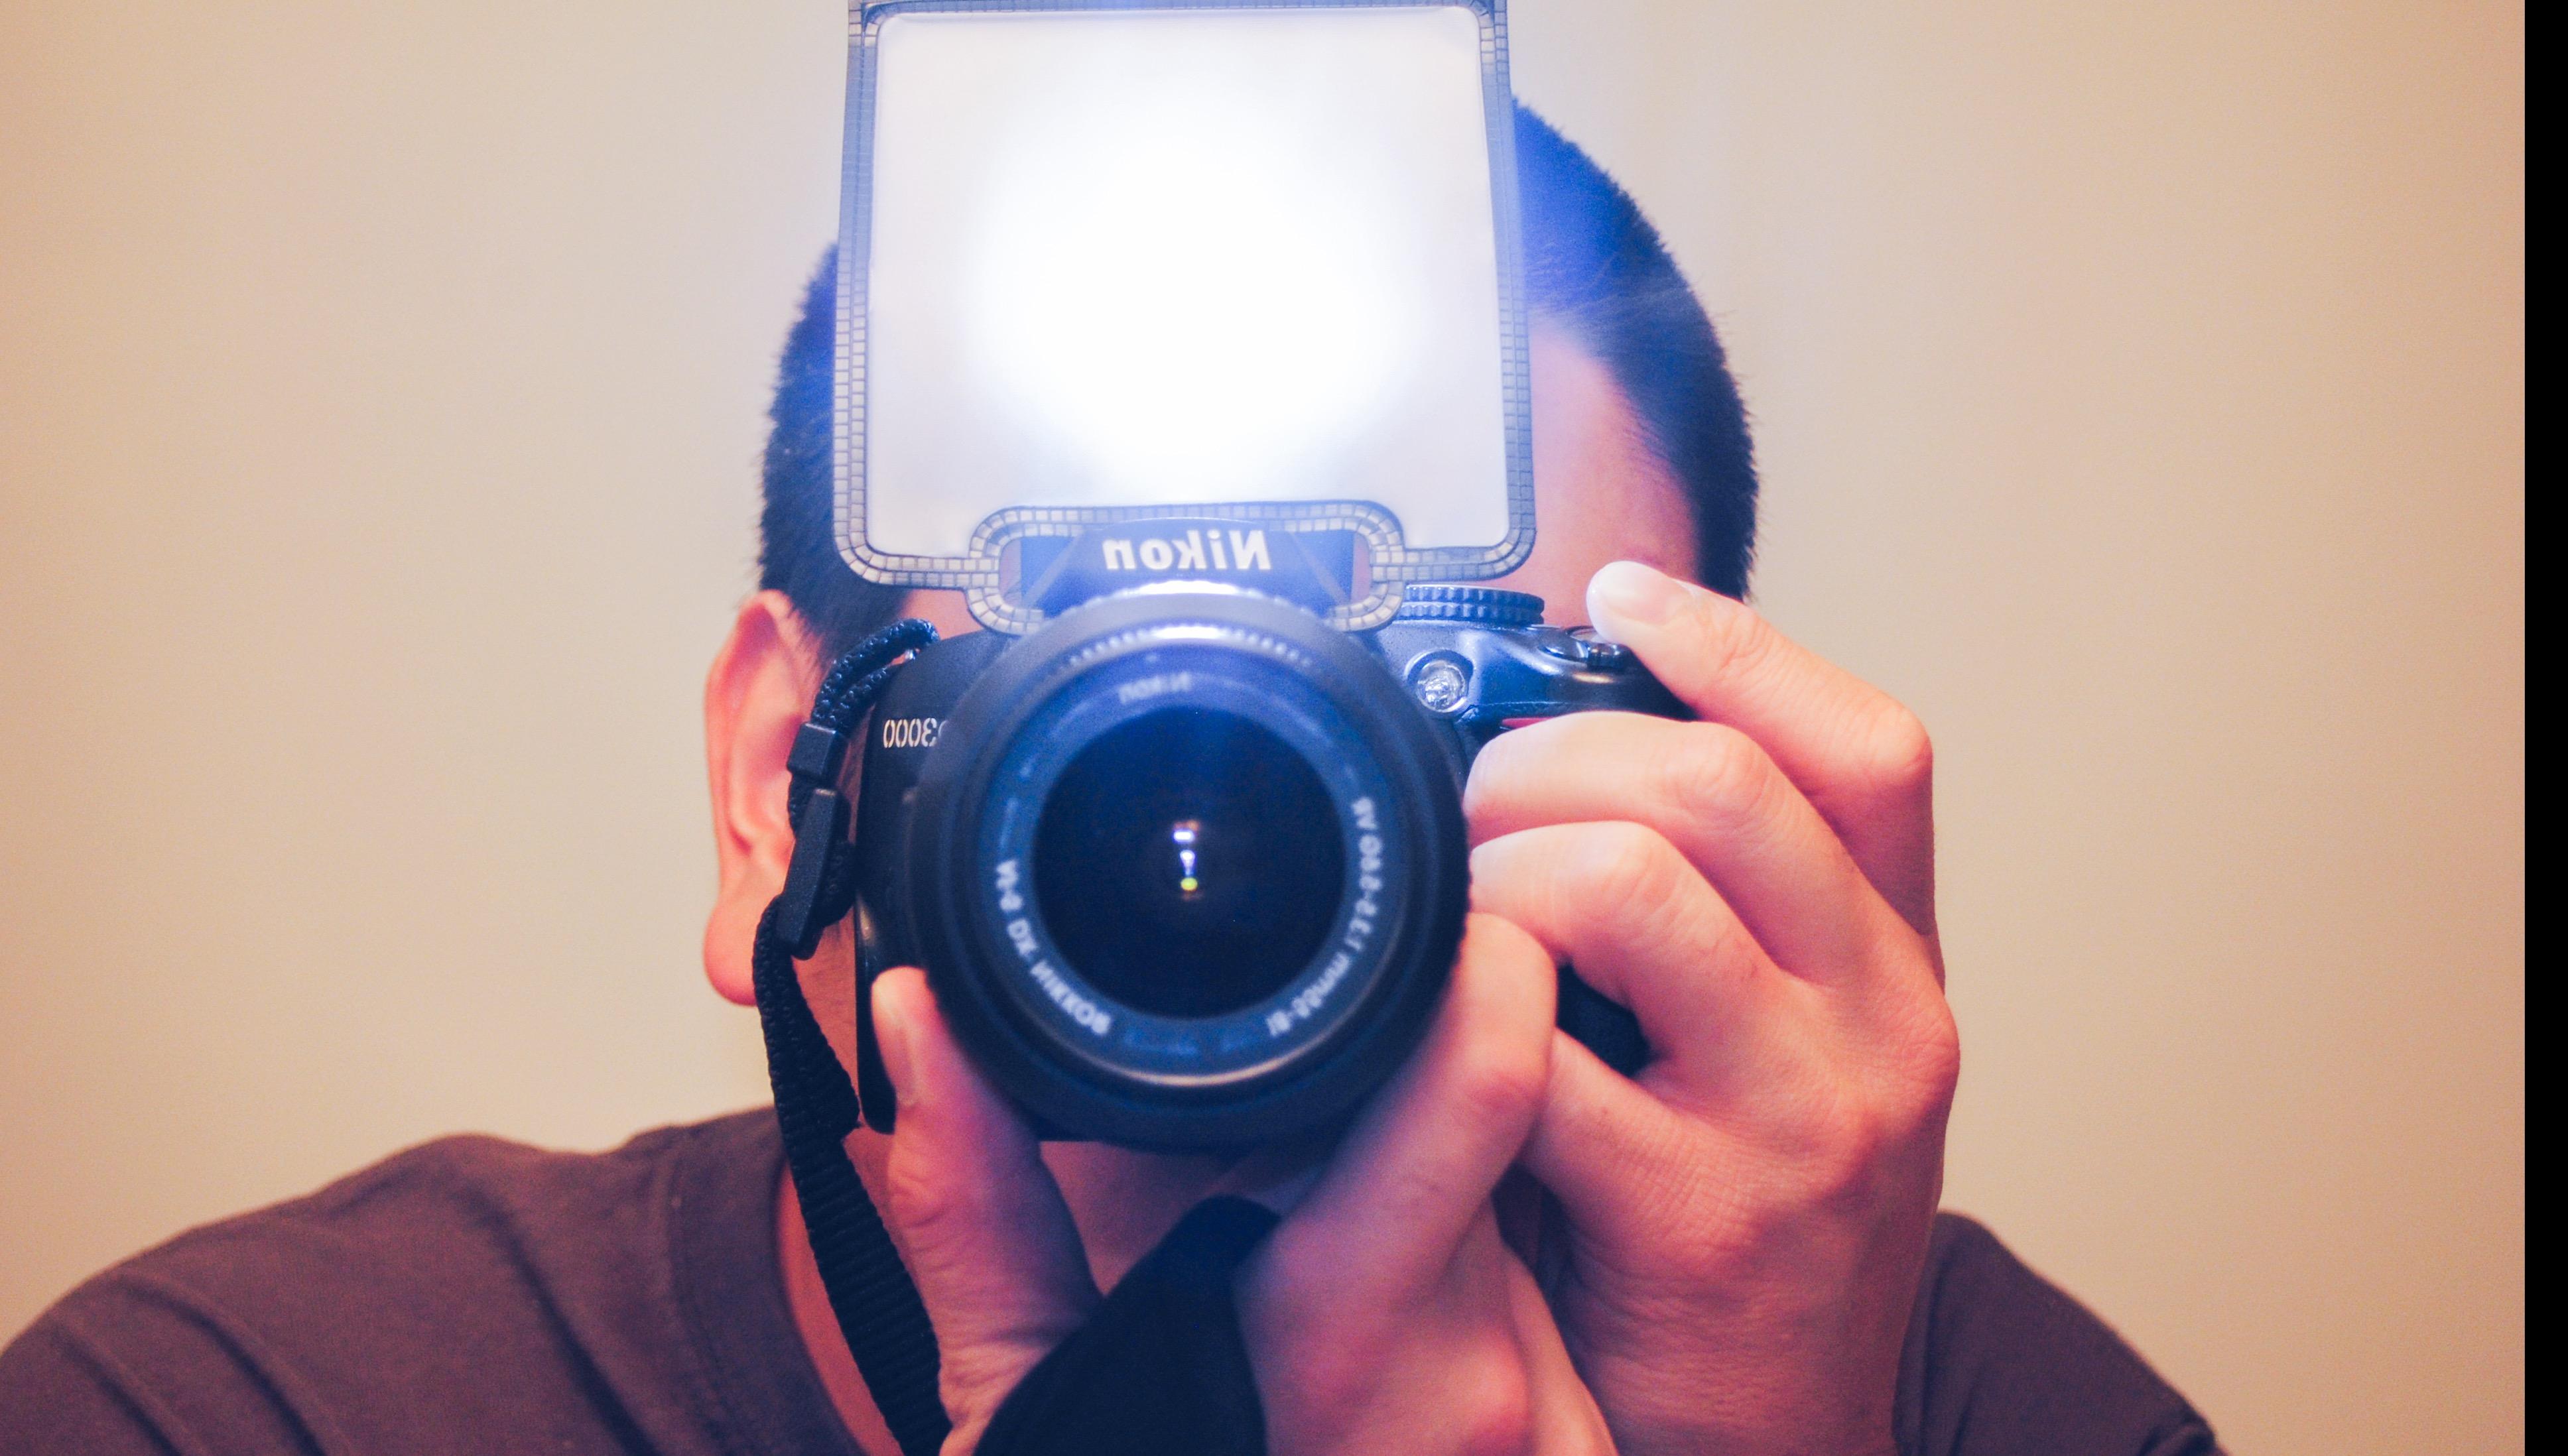 新手解惑!如何選擇閃燈模式,讓攝影作品脫離「路人風」?